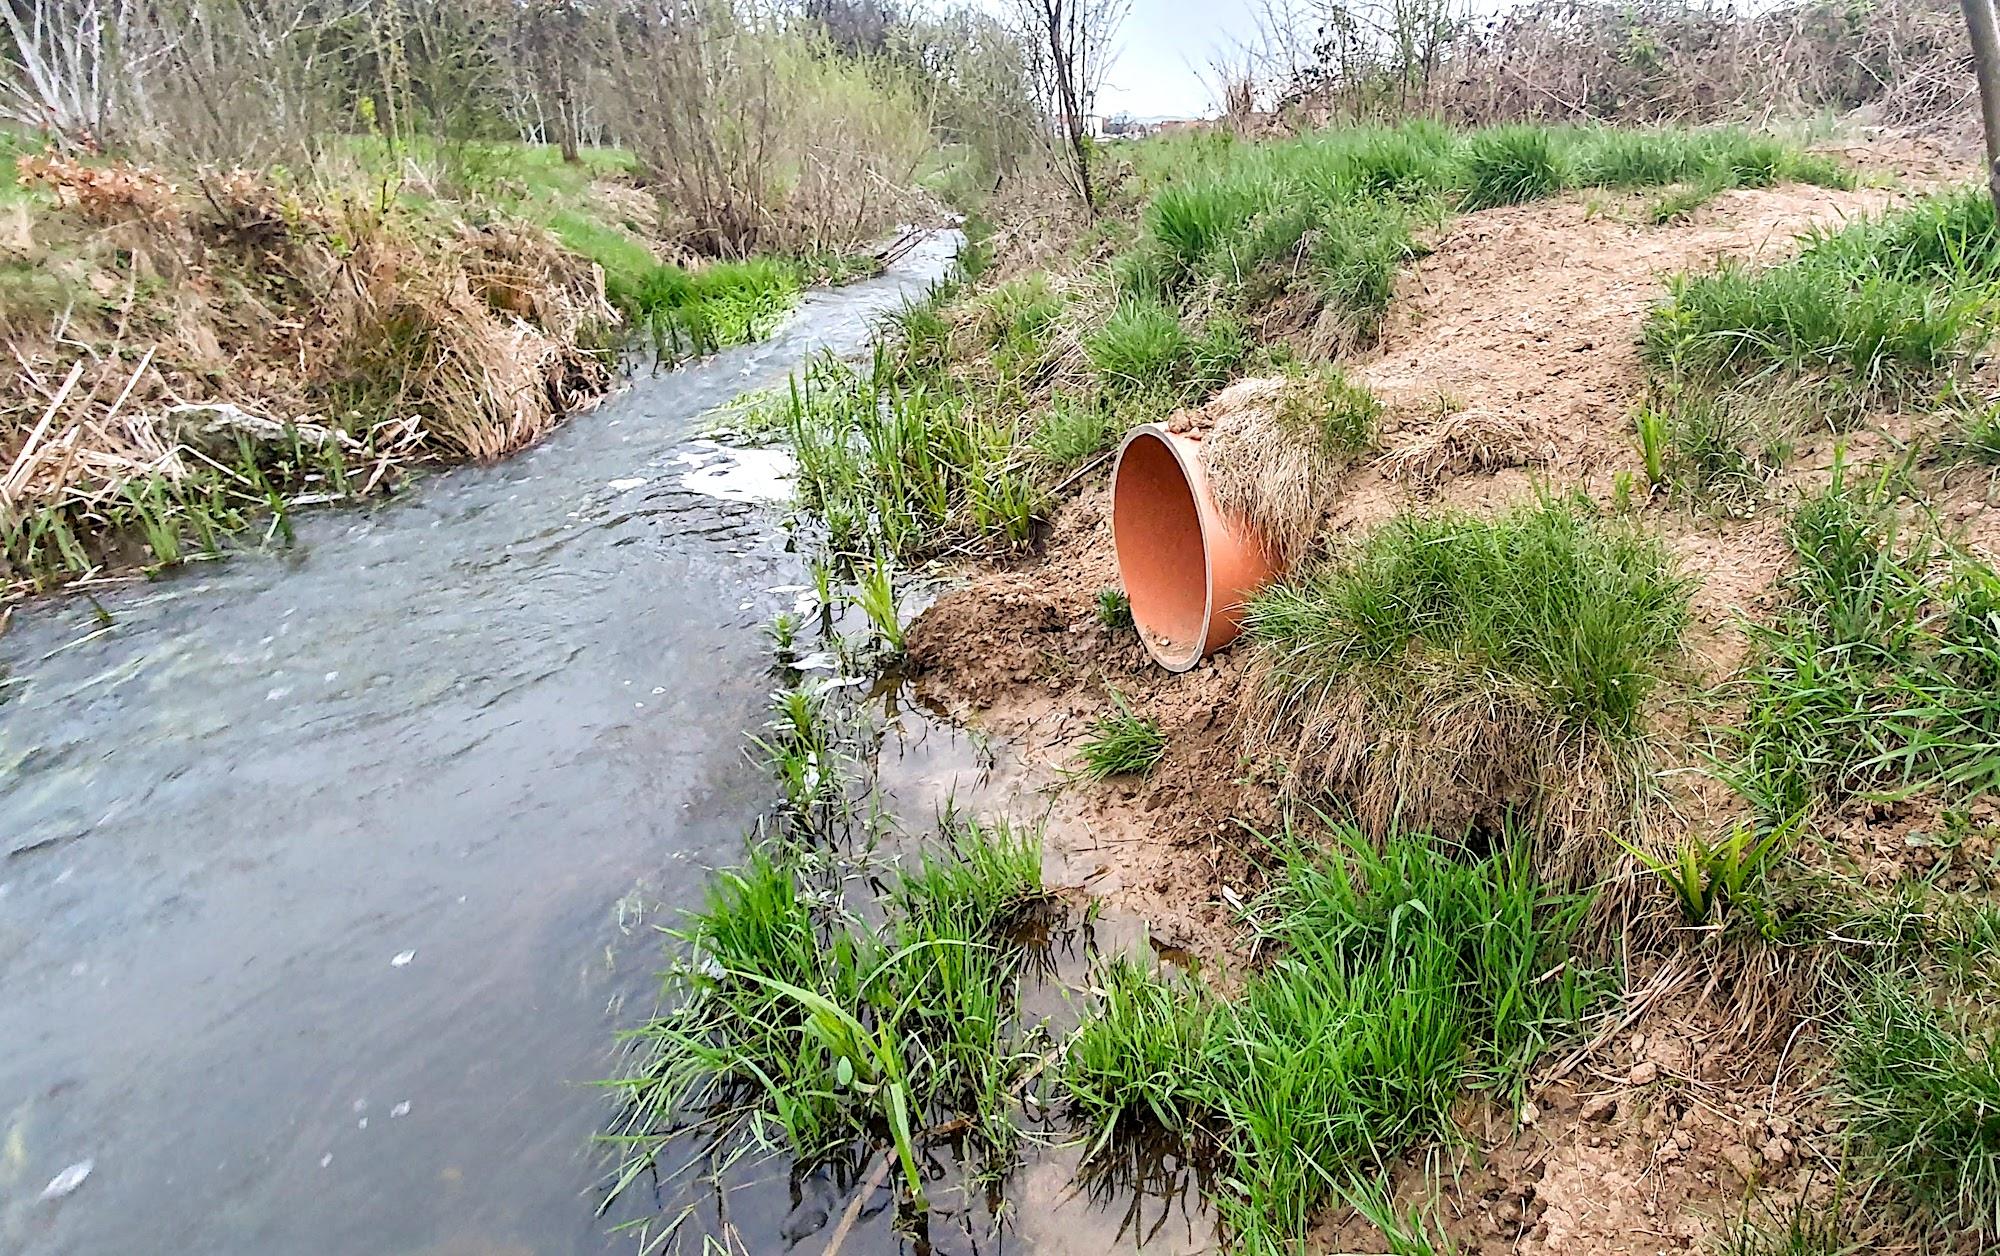 Pe pajiștea Sub Arinilor refula canalizarea. Apă Canal a intervenit: mizeriile sunt deversate acum direct în Trinkbach